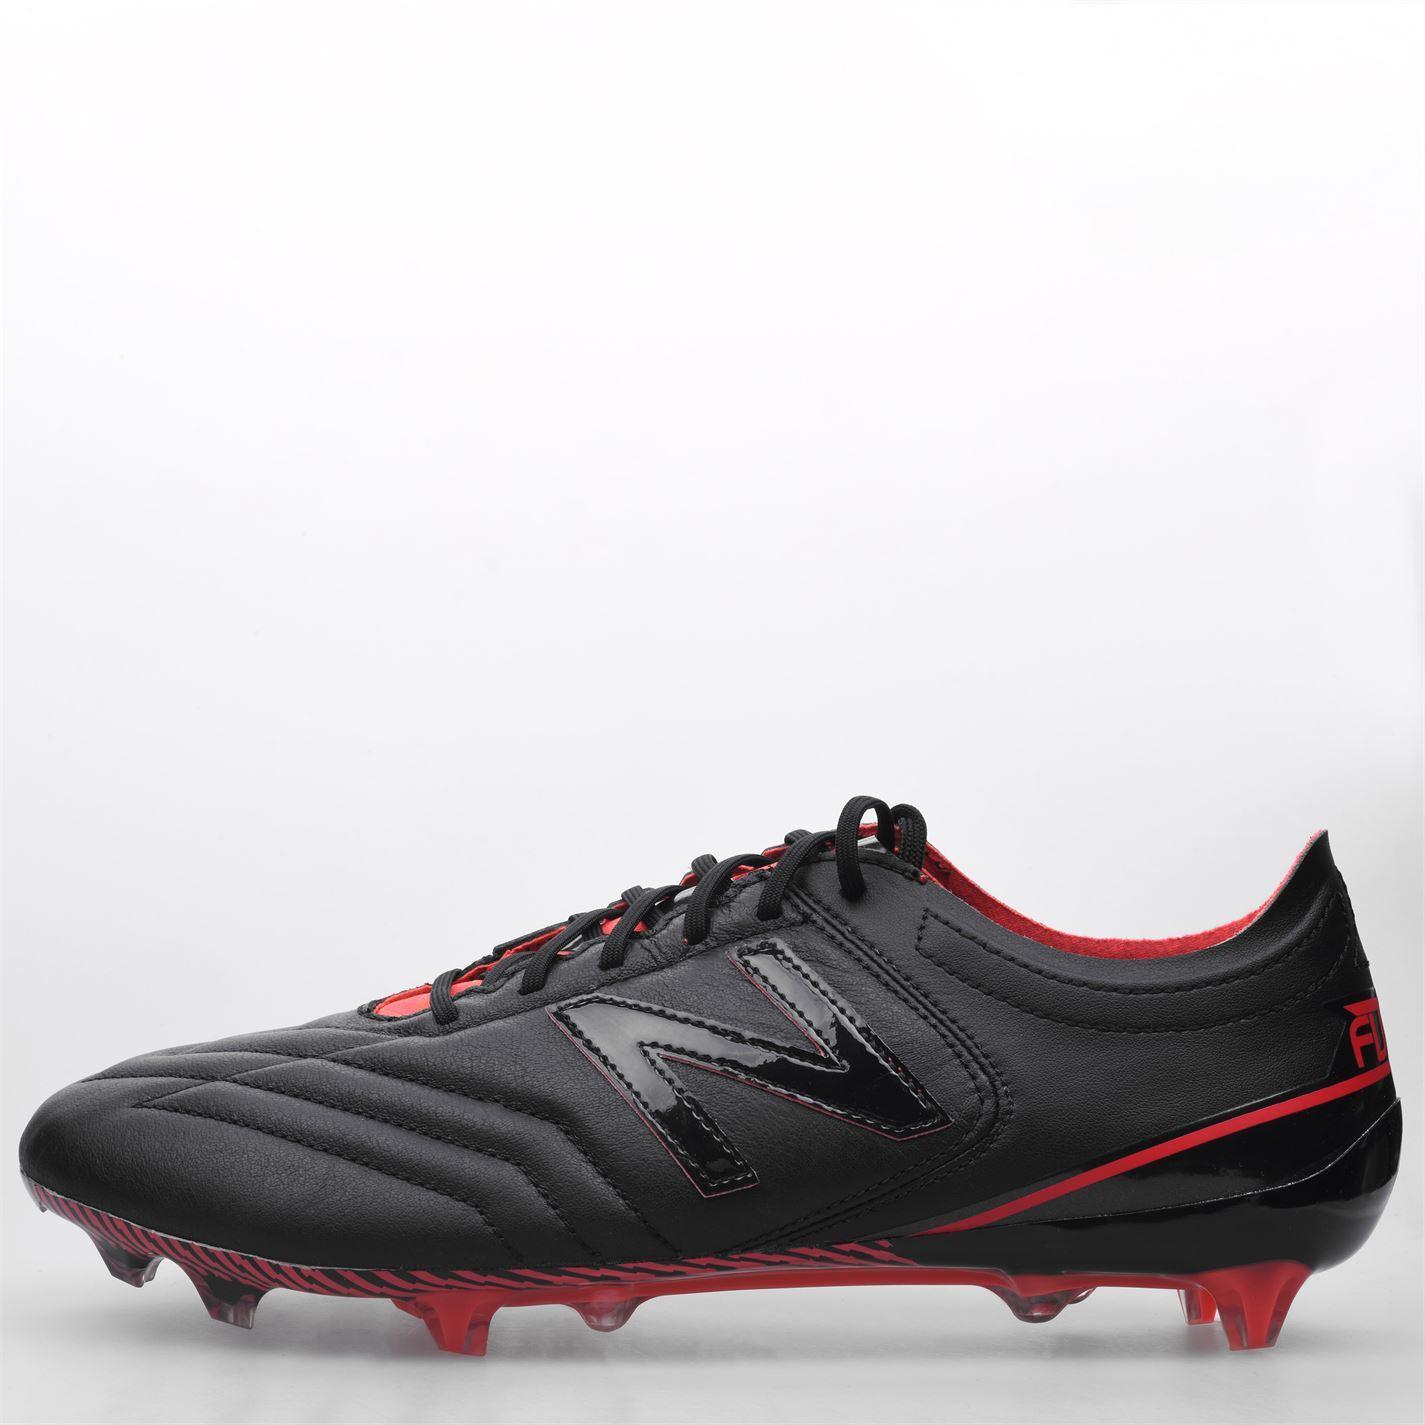 miniature 3 - New-Balance-Furon-3-0-K-cuir-homme-FG-Firm-Ground-Chaussures-De-Football-Soccer-Crampons